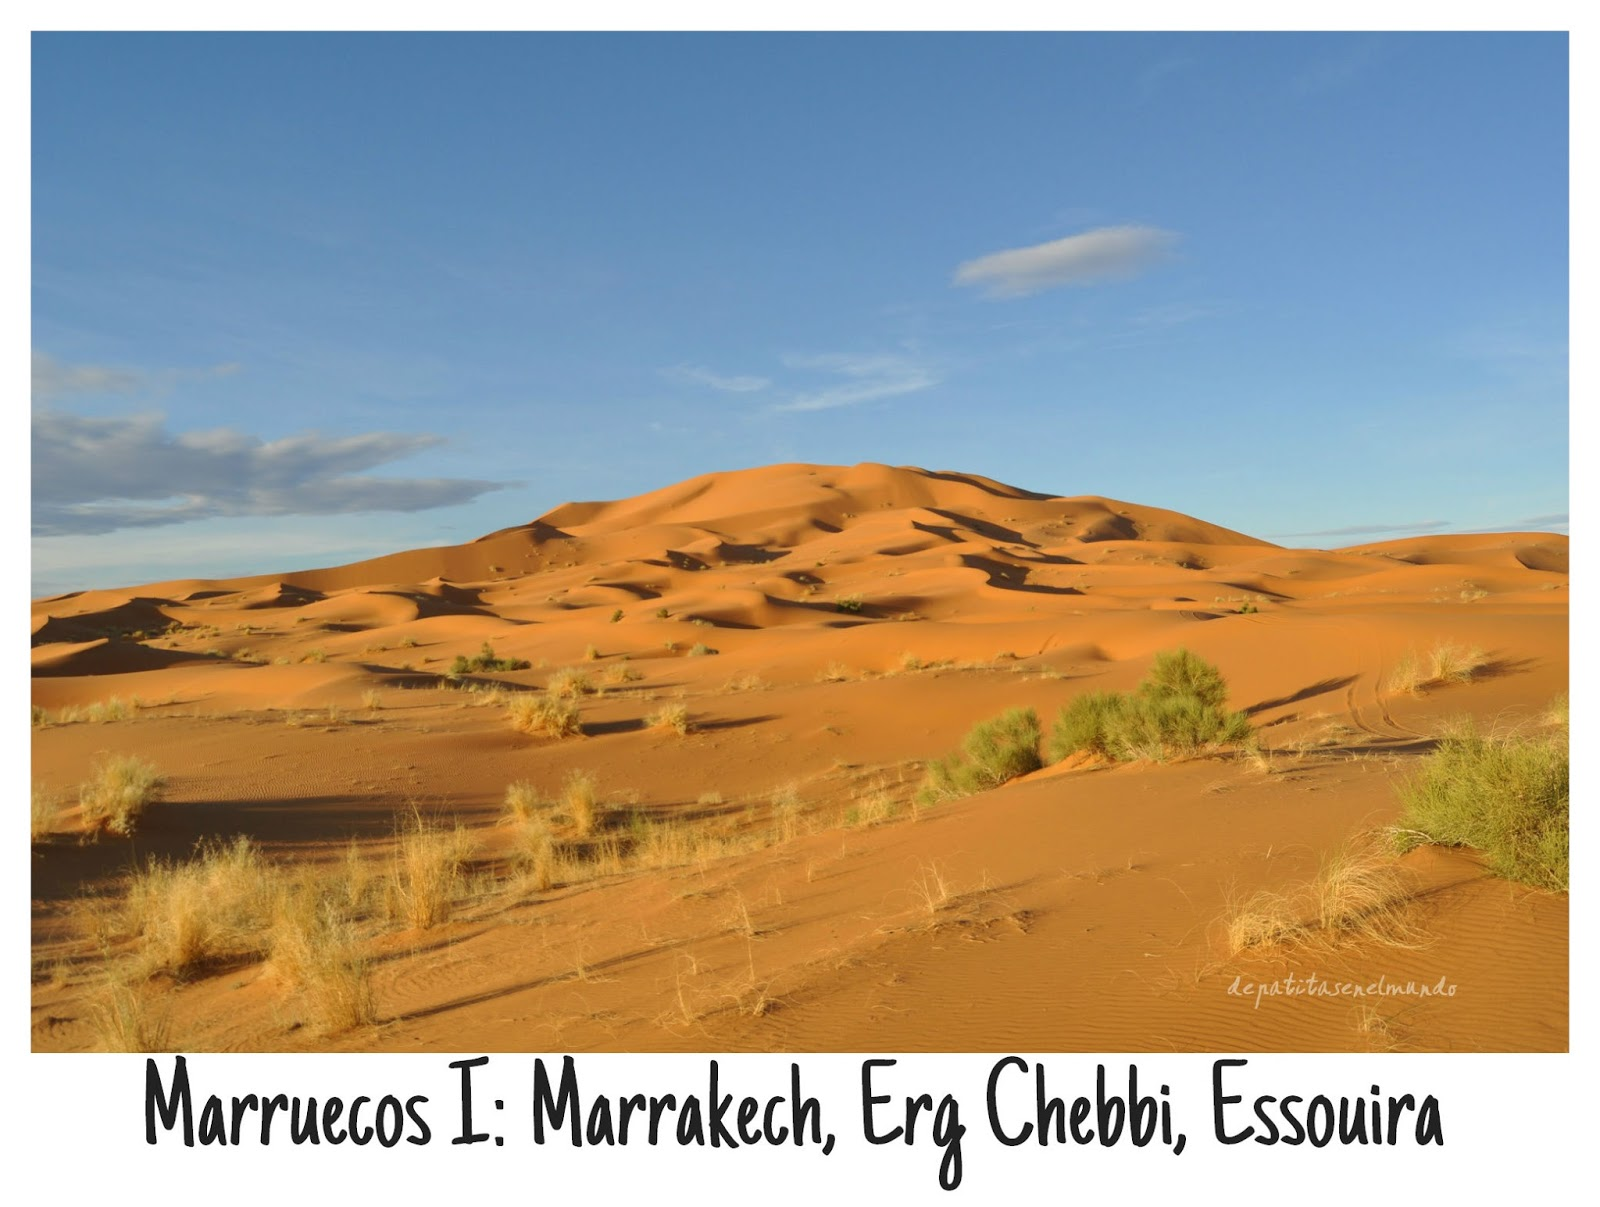 http://www.depatitasenelmundo.es/2014/04/marruecos-i-marrakech-erg-chebbi.html